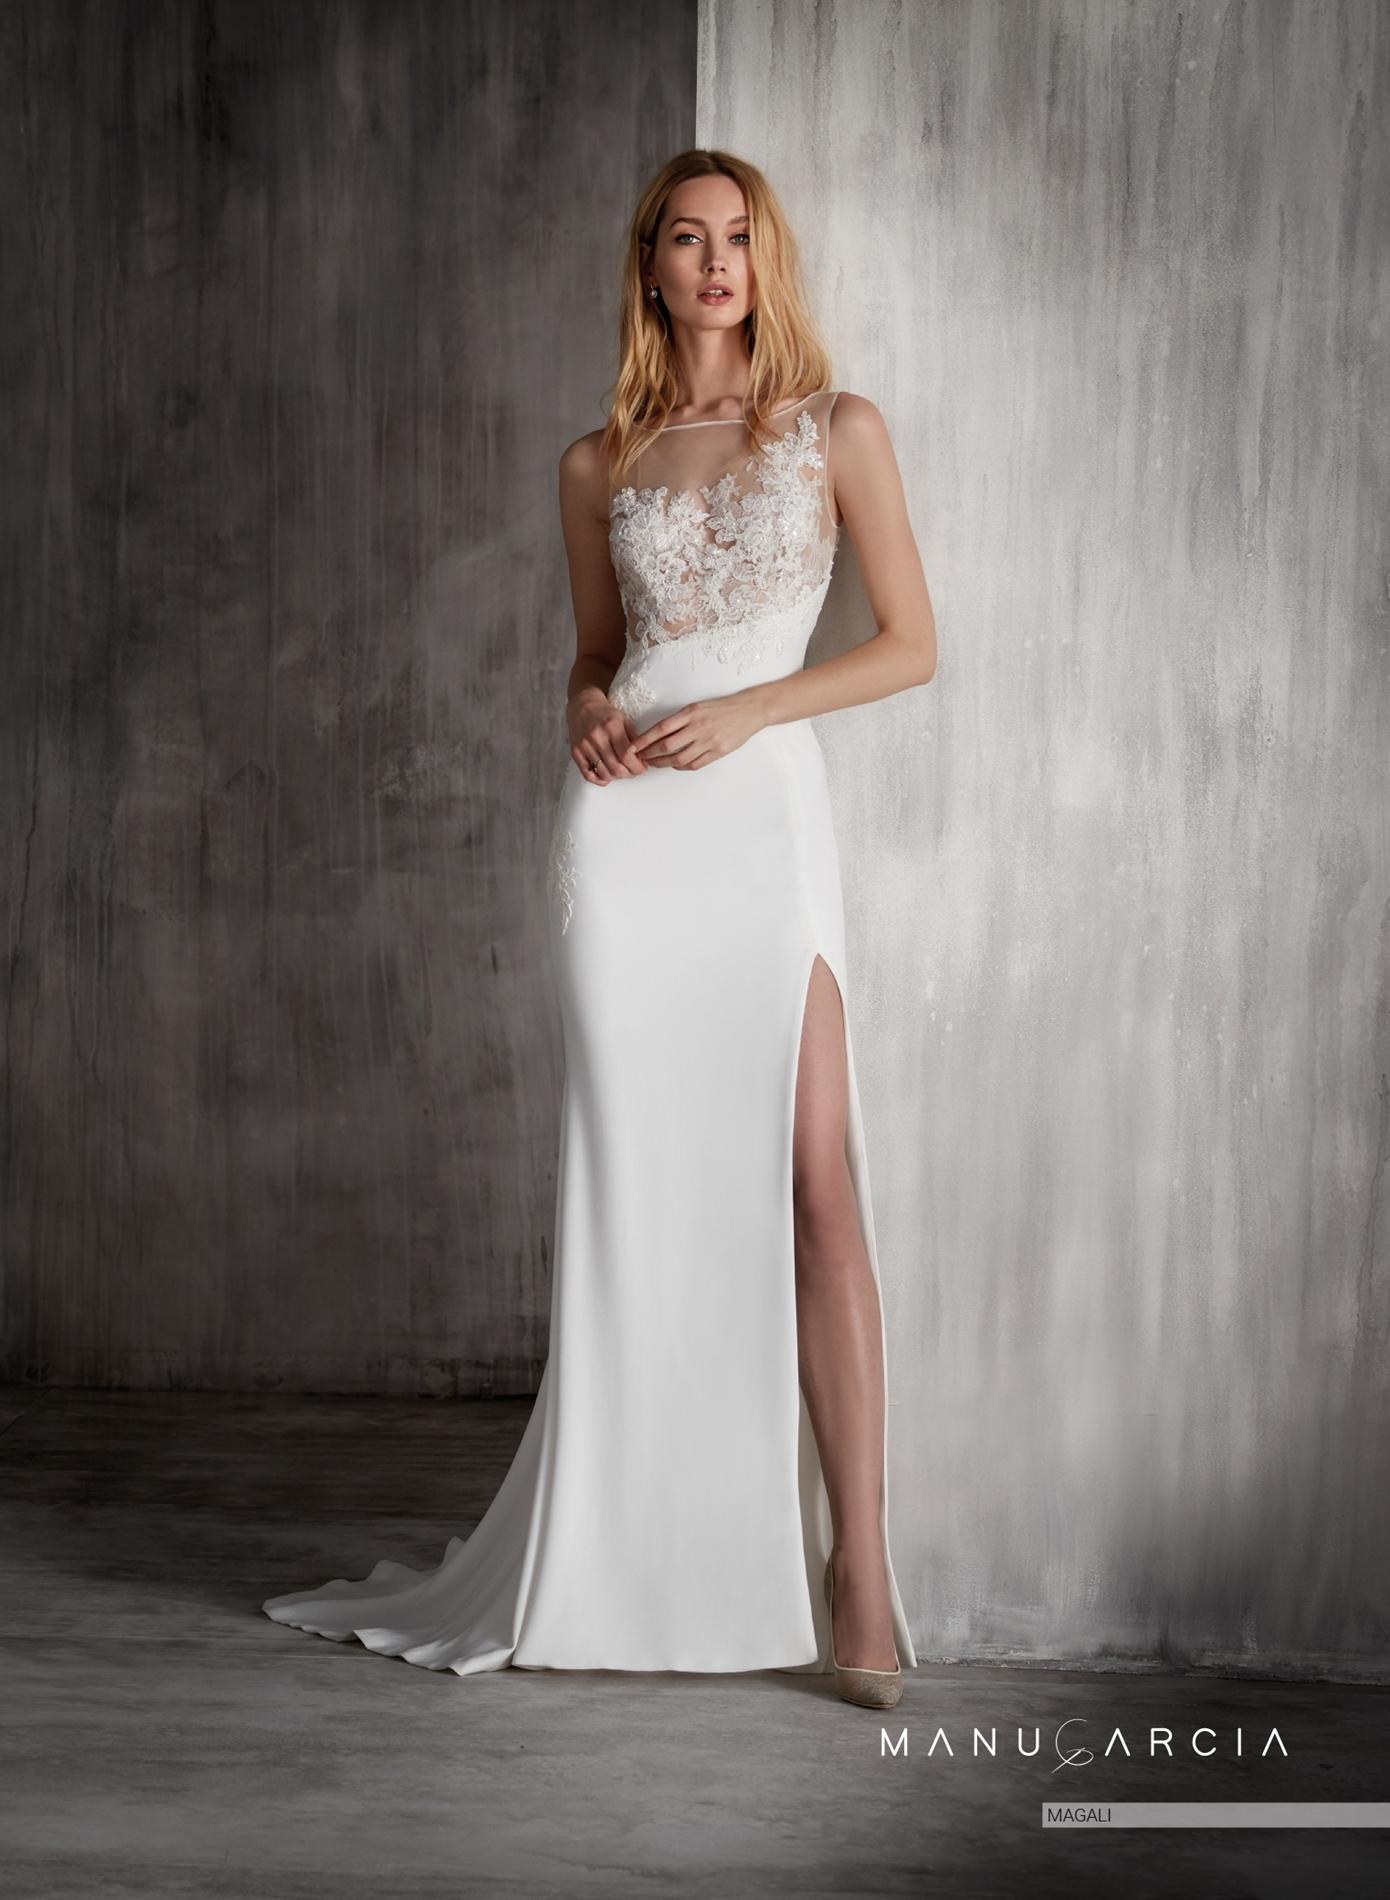 3179a418a TodoBoda.com - Los 10 mejores vestidos de novia en Madrid